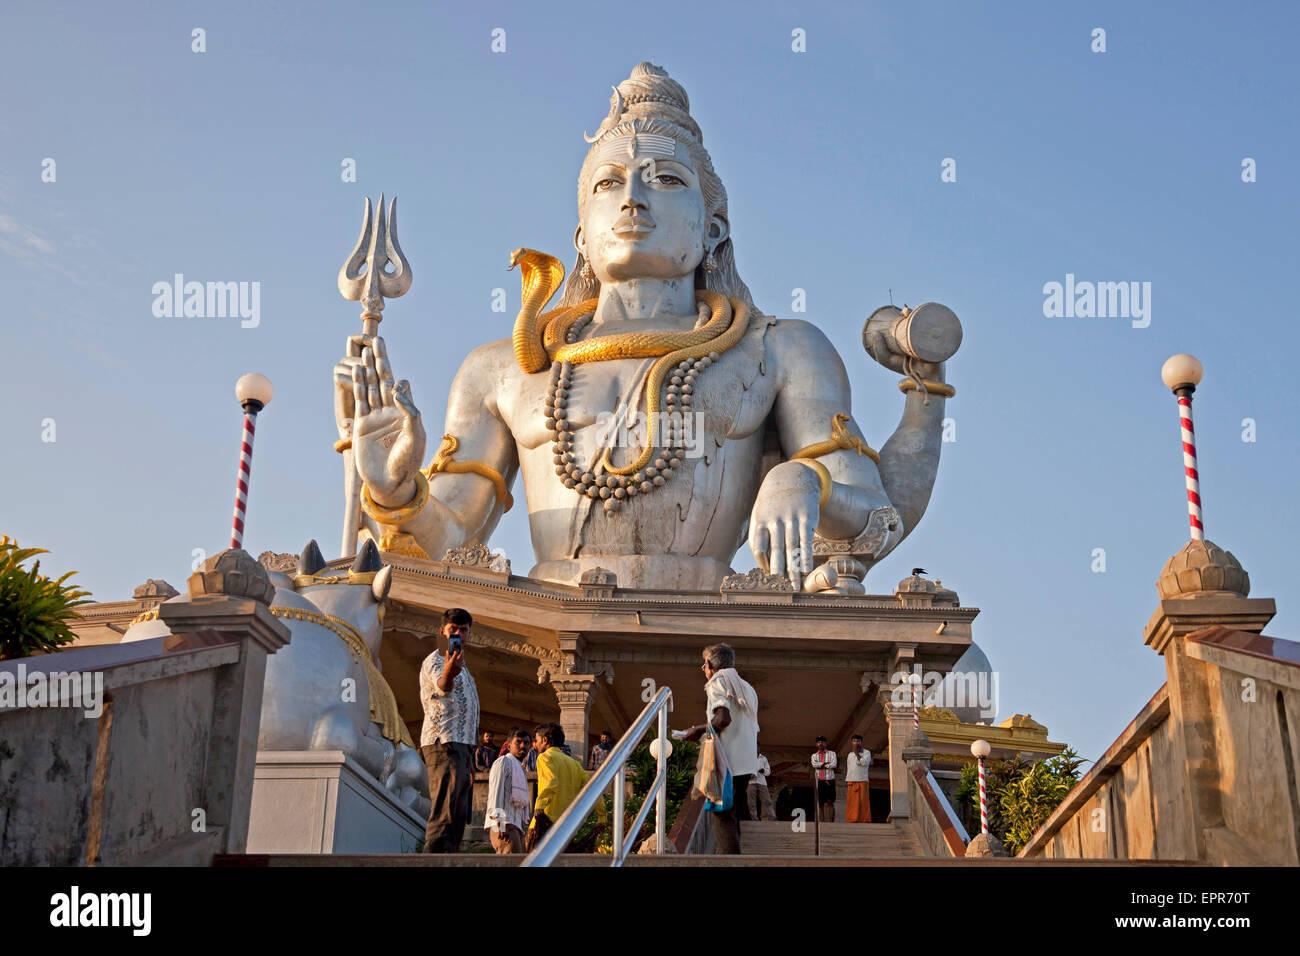 giant Lord Shiva statue at Murudeshwar temple, Murudeshwar, Karnataka, India, Asia - Stock Image